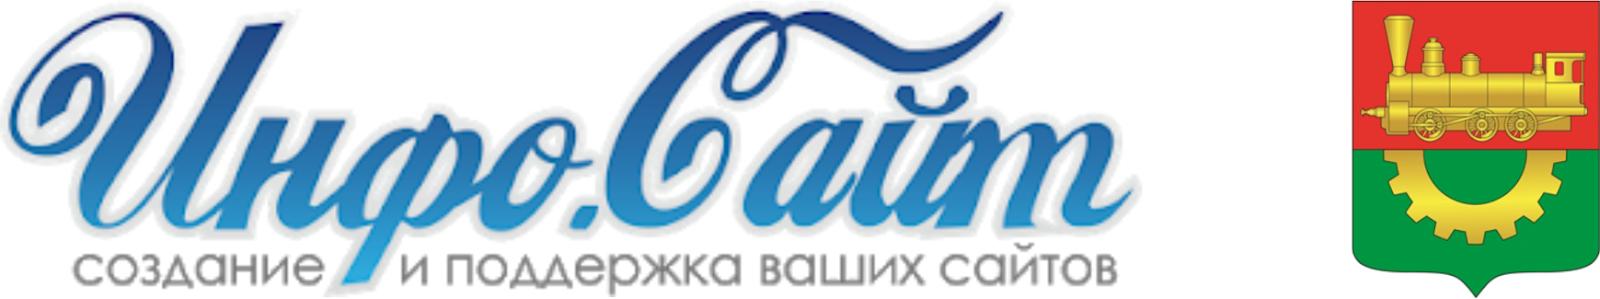 Барановичи 🌍 ИнфоСайт : Новости и объявления г. Барановичи